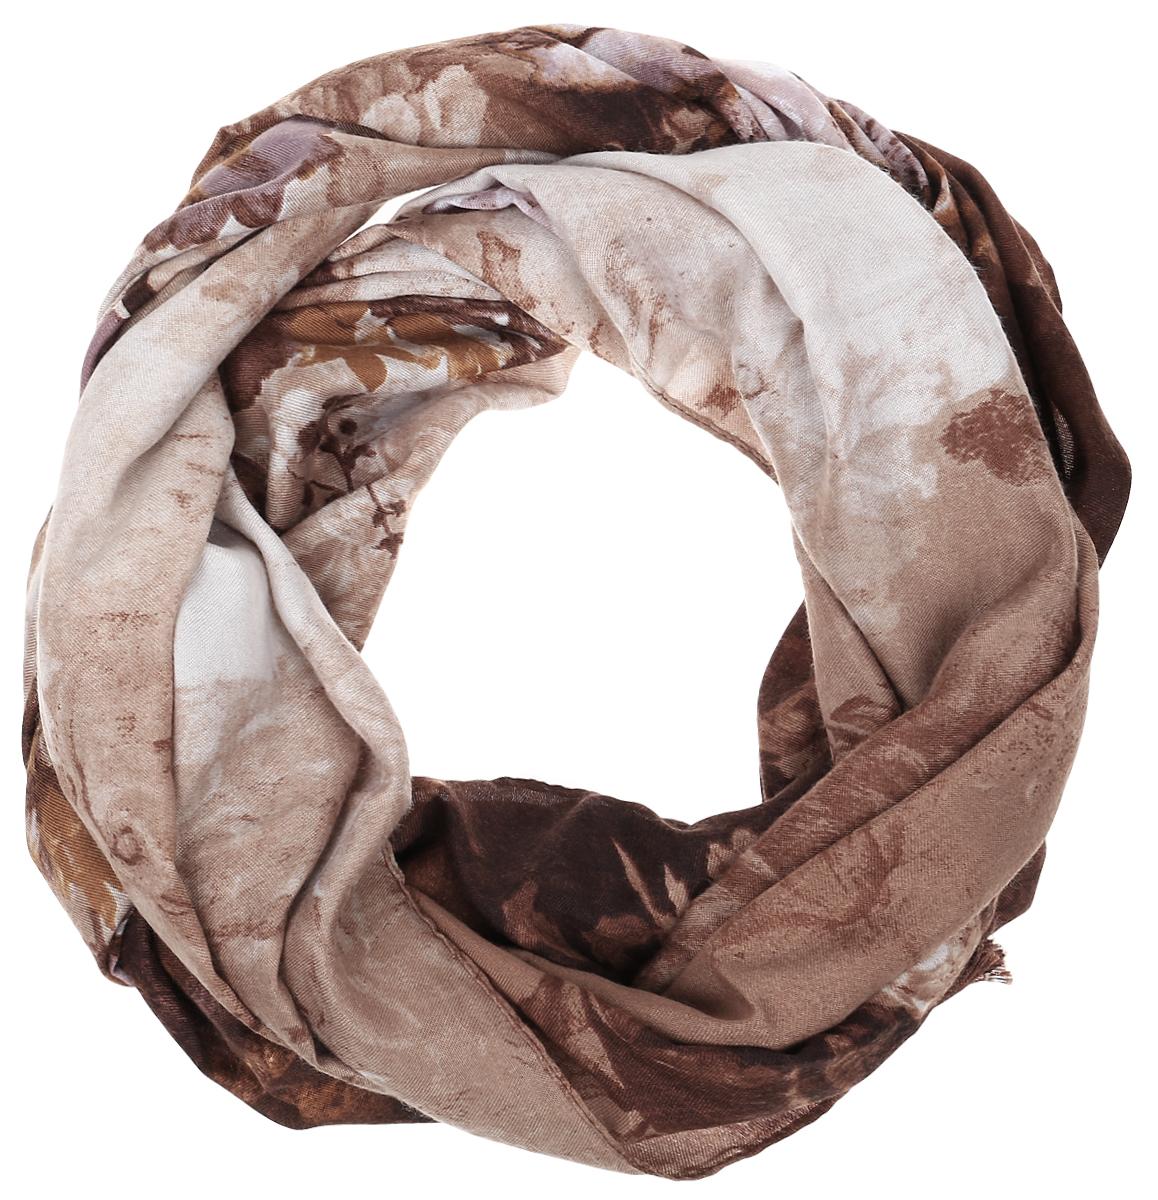 Палантин Sophie Ramage, цвет: бежево-коричневый. YY-21642-12. Размер 70 см х 180 смYY-21642-12Элегантный палантин Sophie Ramage станет достойным завершением вашего образа. Палантин изготовлен из высококачественного модала с добавлением шерсти. Оформлена модель стильным цветочным принтом. Палантин красиво драпируется, он превосходно дополнит любой наряд и подчеркнет ваш изысканный вкус. Легкий и изящный палантин привнесет в ваш образ утонченность и шарм.